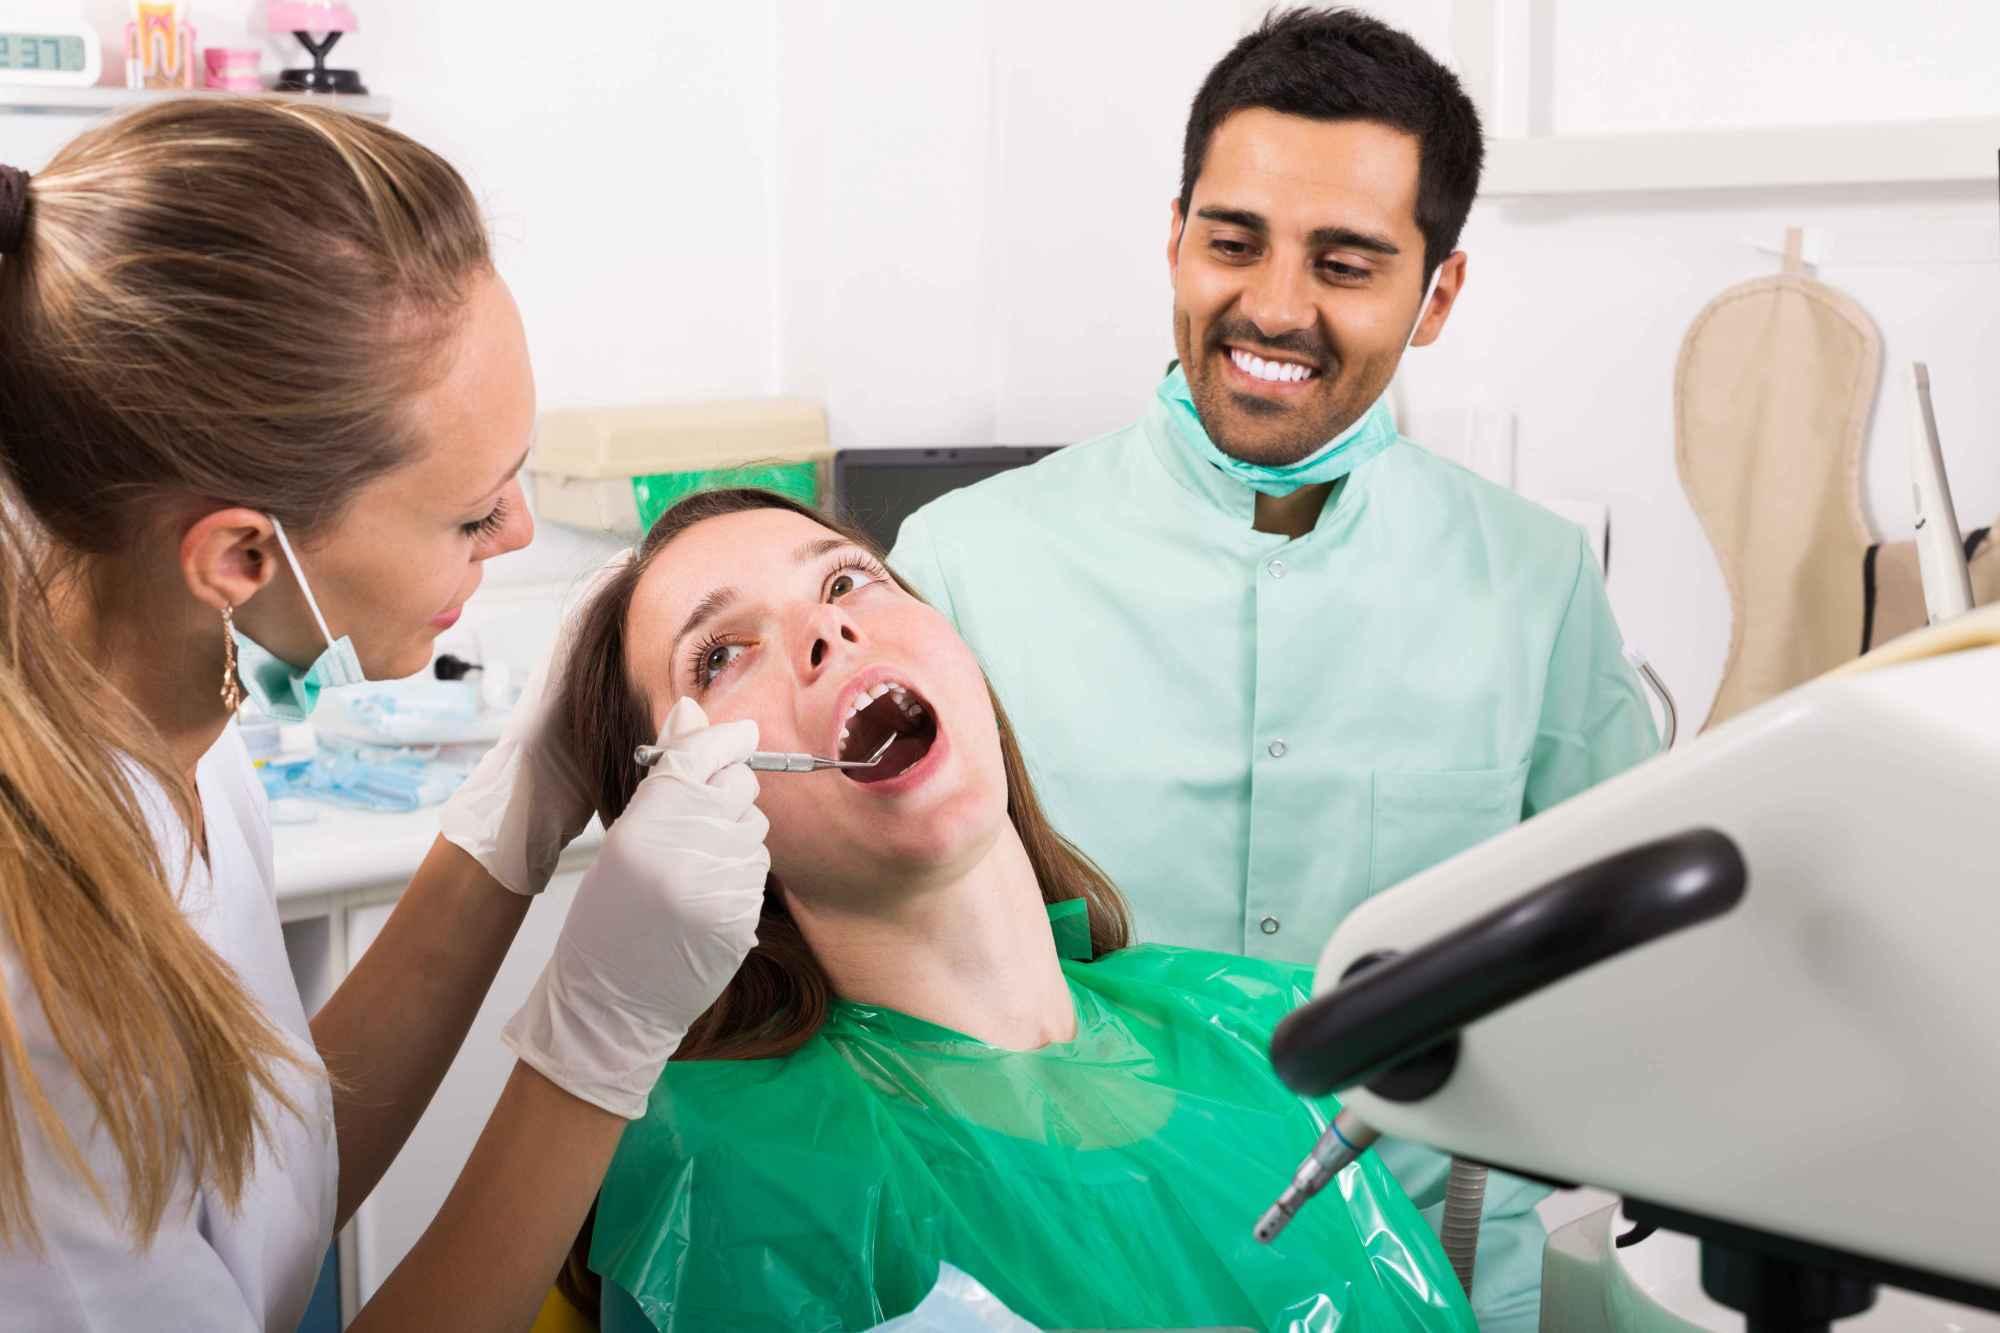 牙龈肿痛怎么办